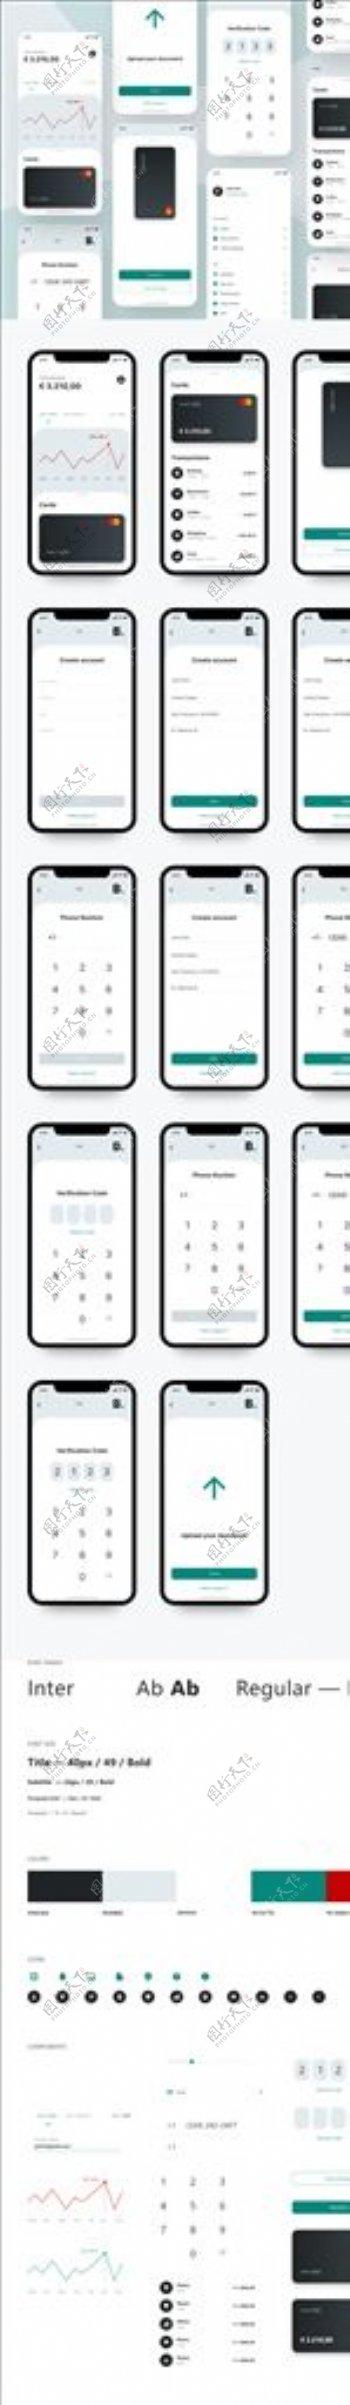 xd手机银行绿色UI设计数据页图片